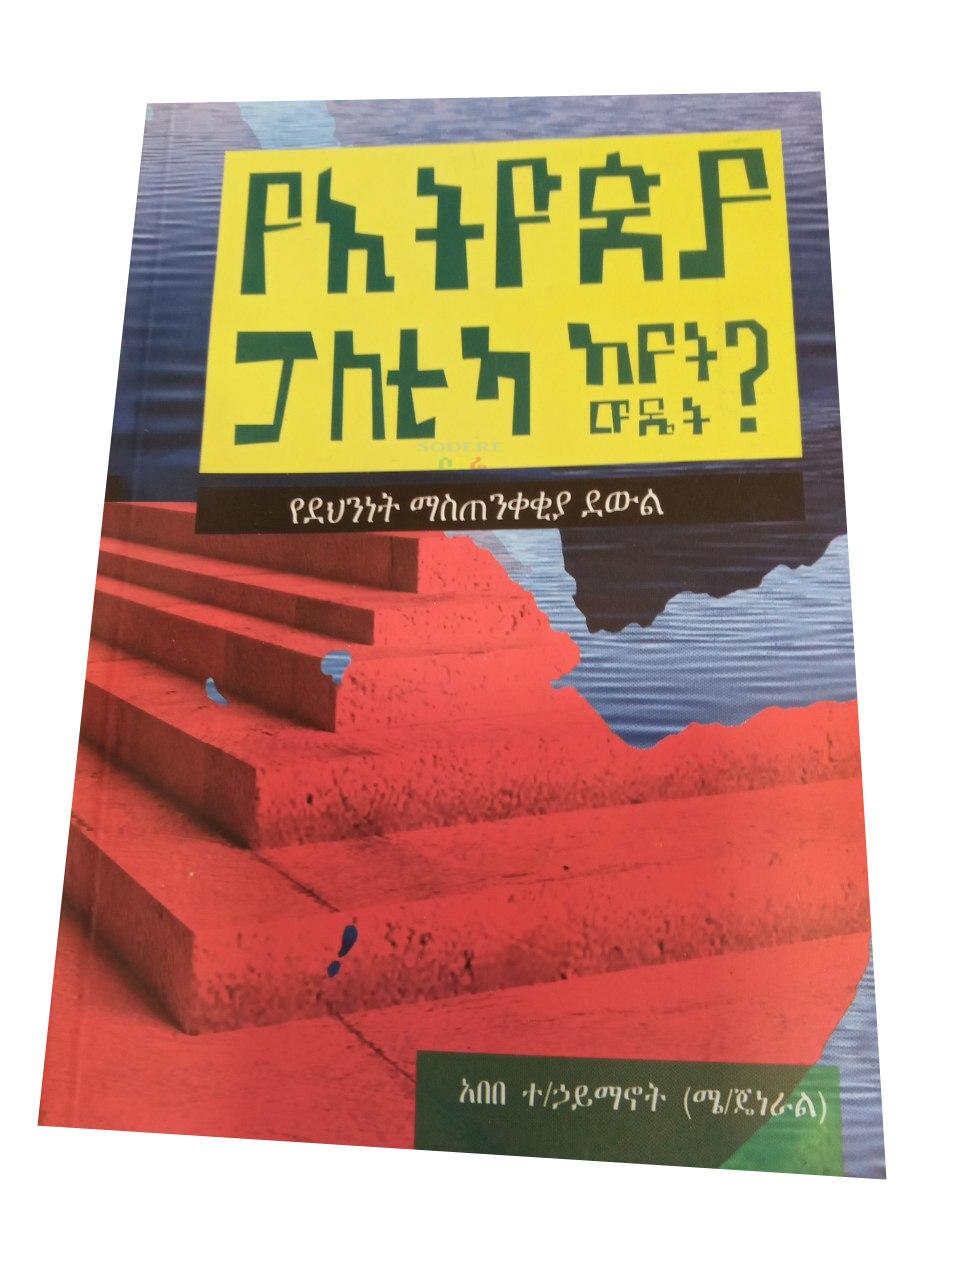 የኢትዮጵያ ፖለቲካ ከየት ወዴት Ethiopia politics heading to where By Abebe Teklehaymanot